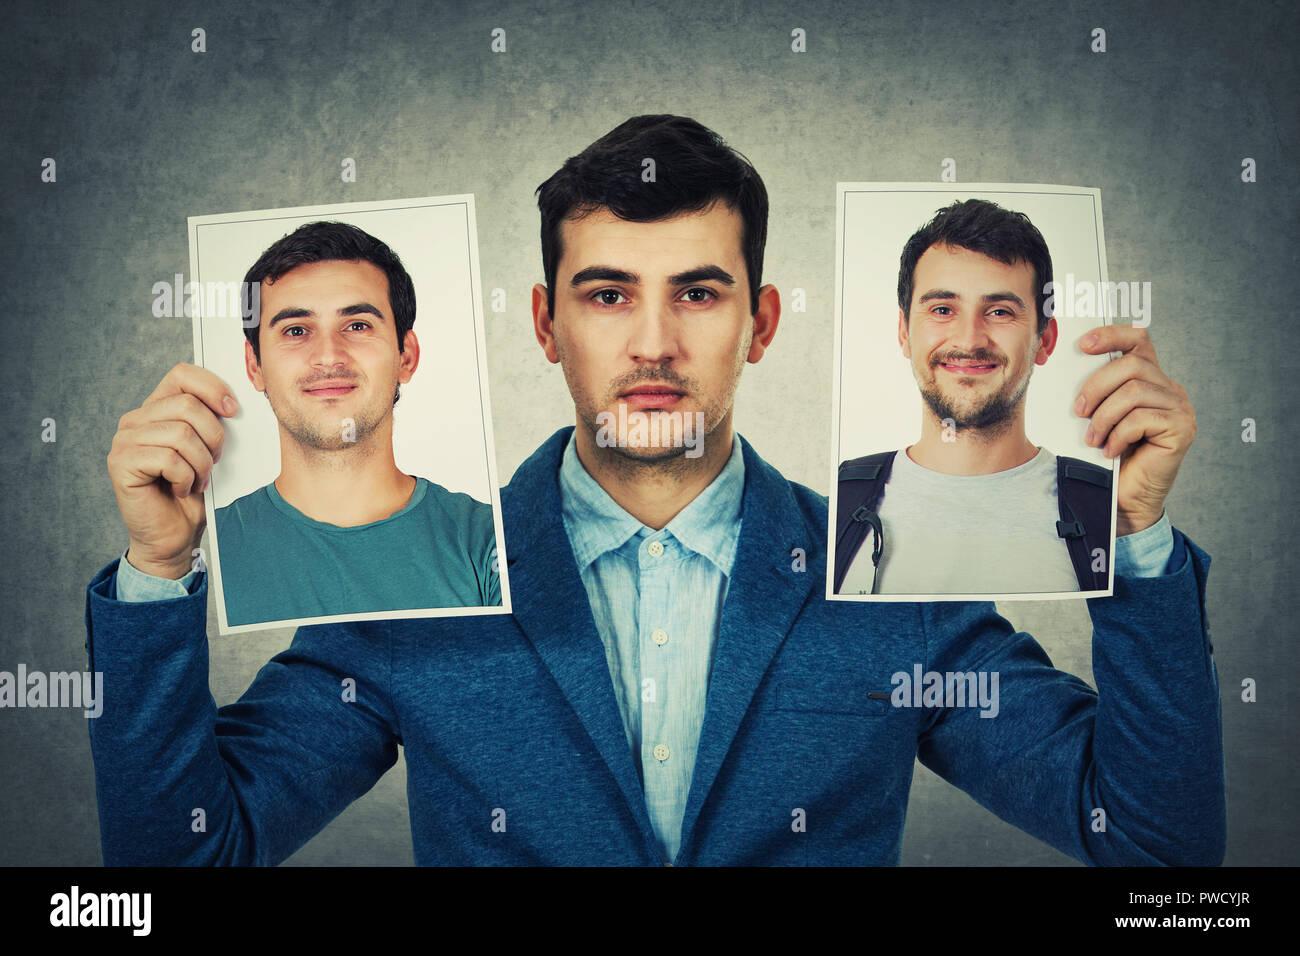 Jeune homme tenant deux portrait photo plaques de différentes nature. Changer votre personnalité, faux masque pour masquer la véritable expression de vous-même. Photo Stock